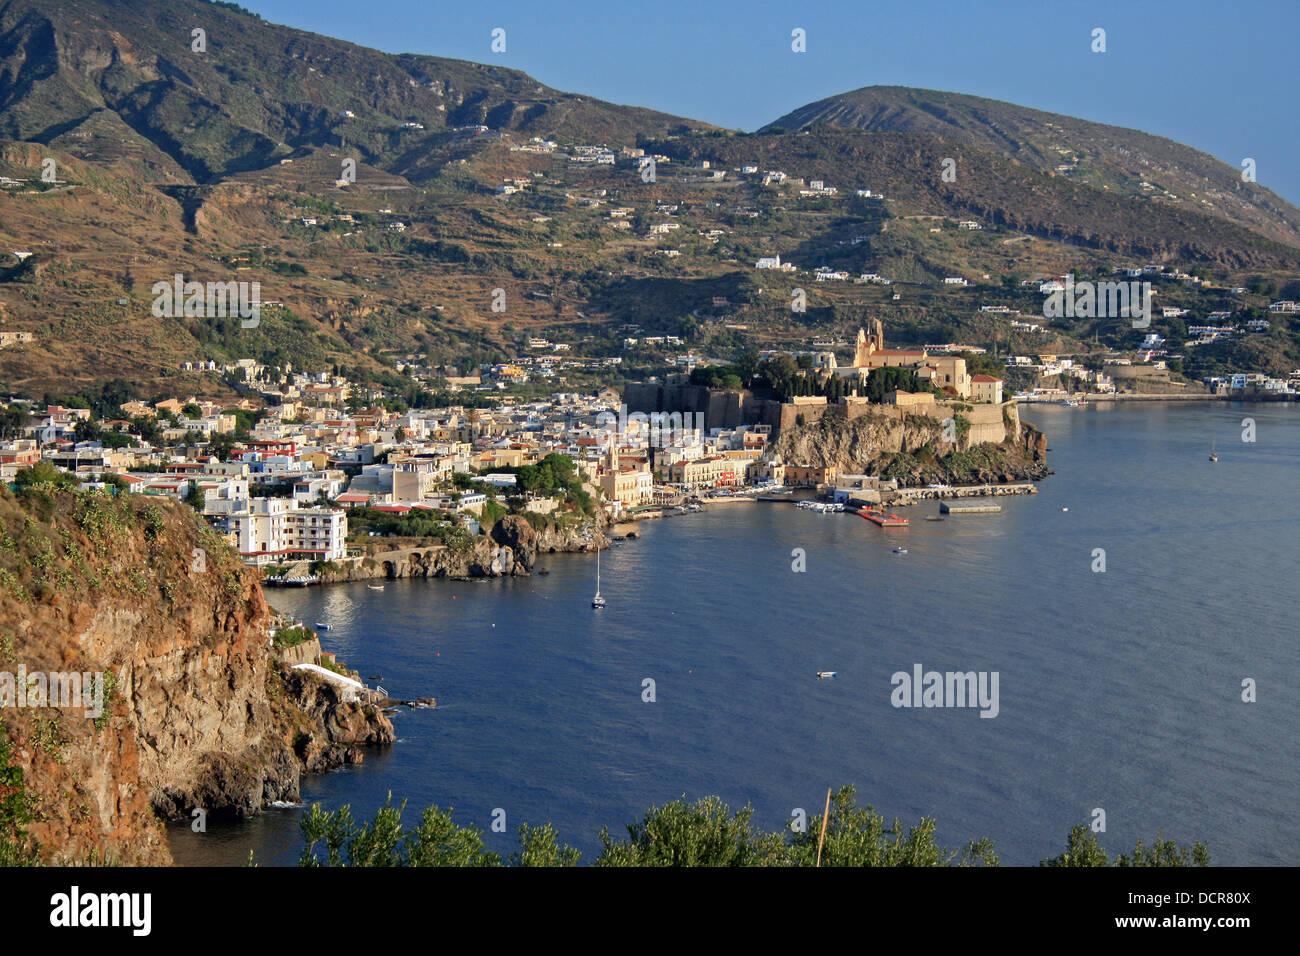 Vista della città e del litorale, Lipari, Isole Eolie o Lipari (Isole Eolie), Italia, Europa. Immagini Stock